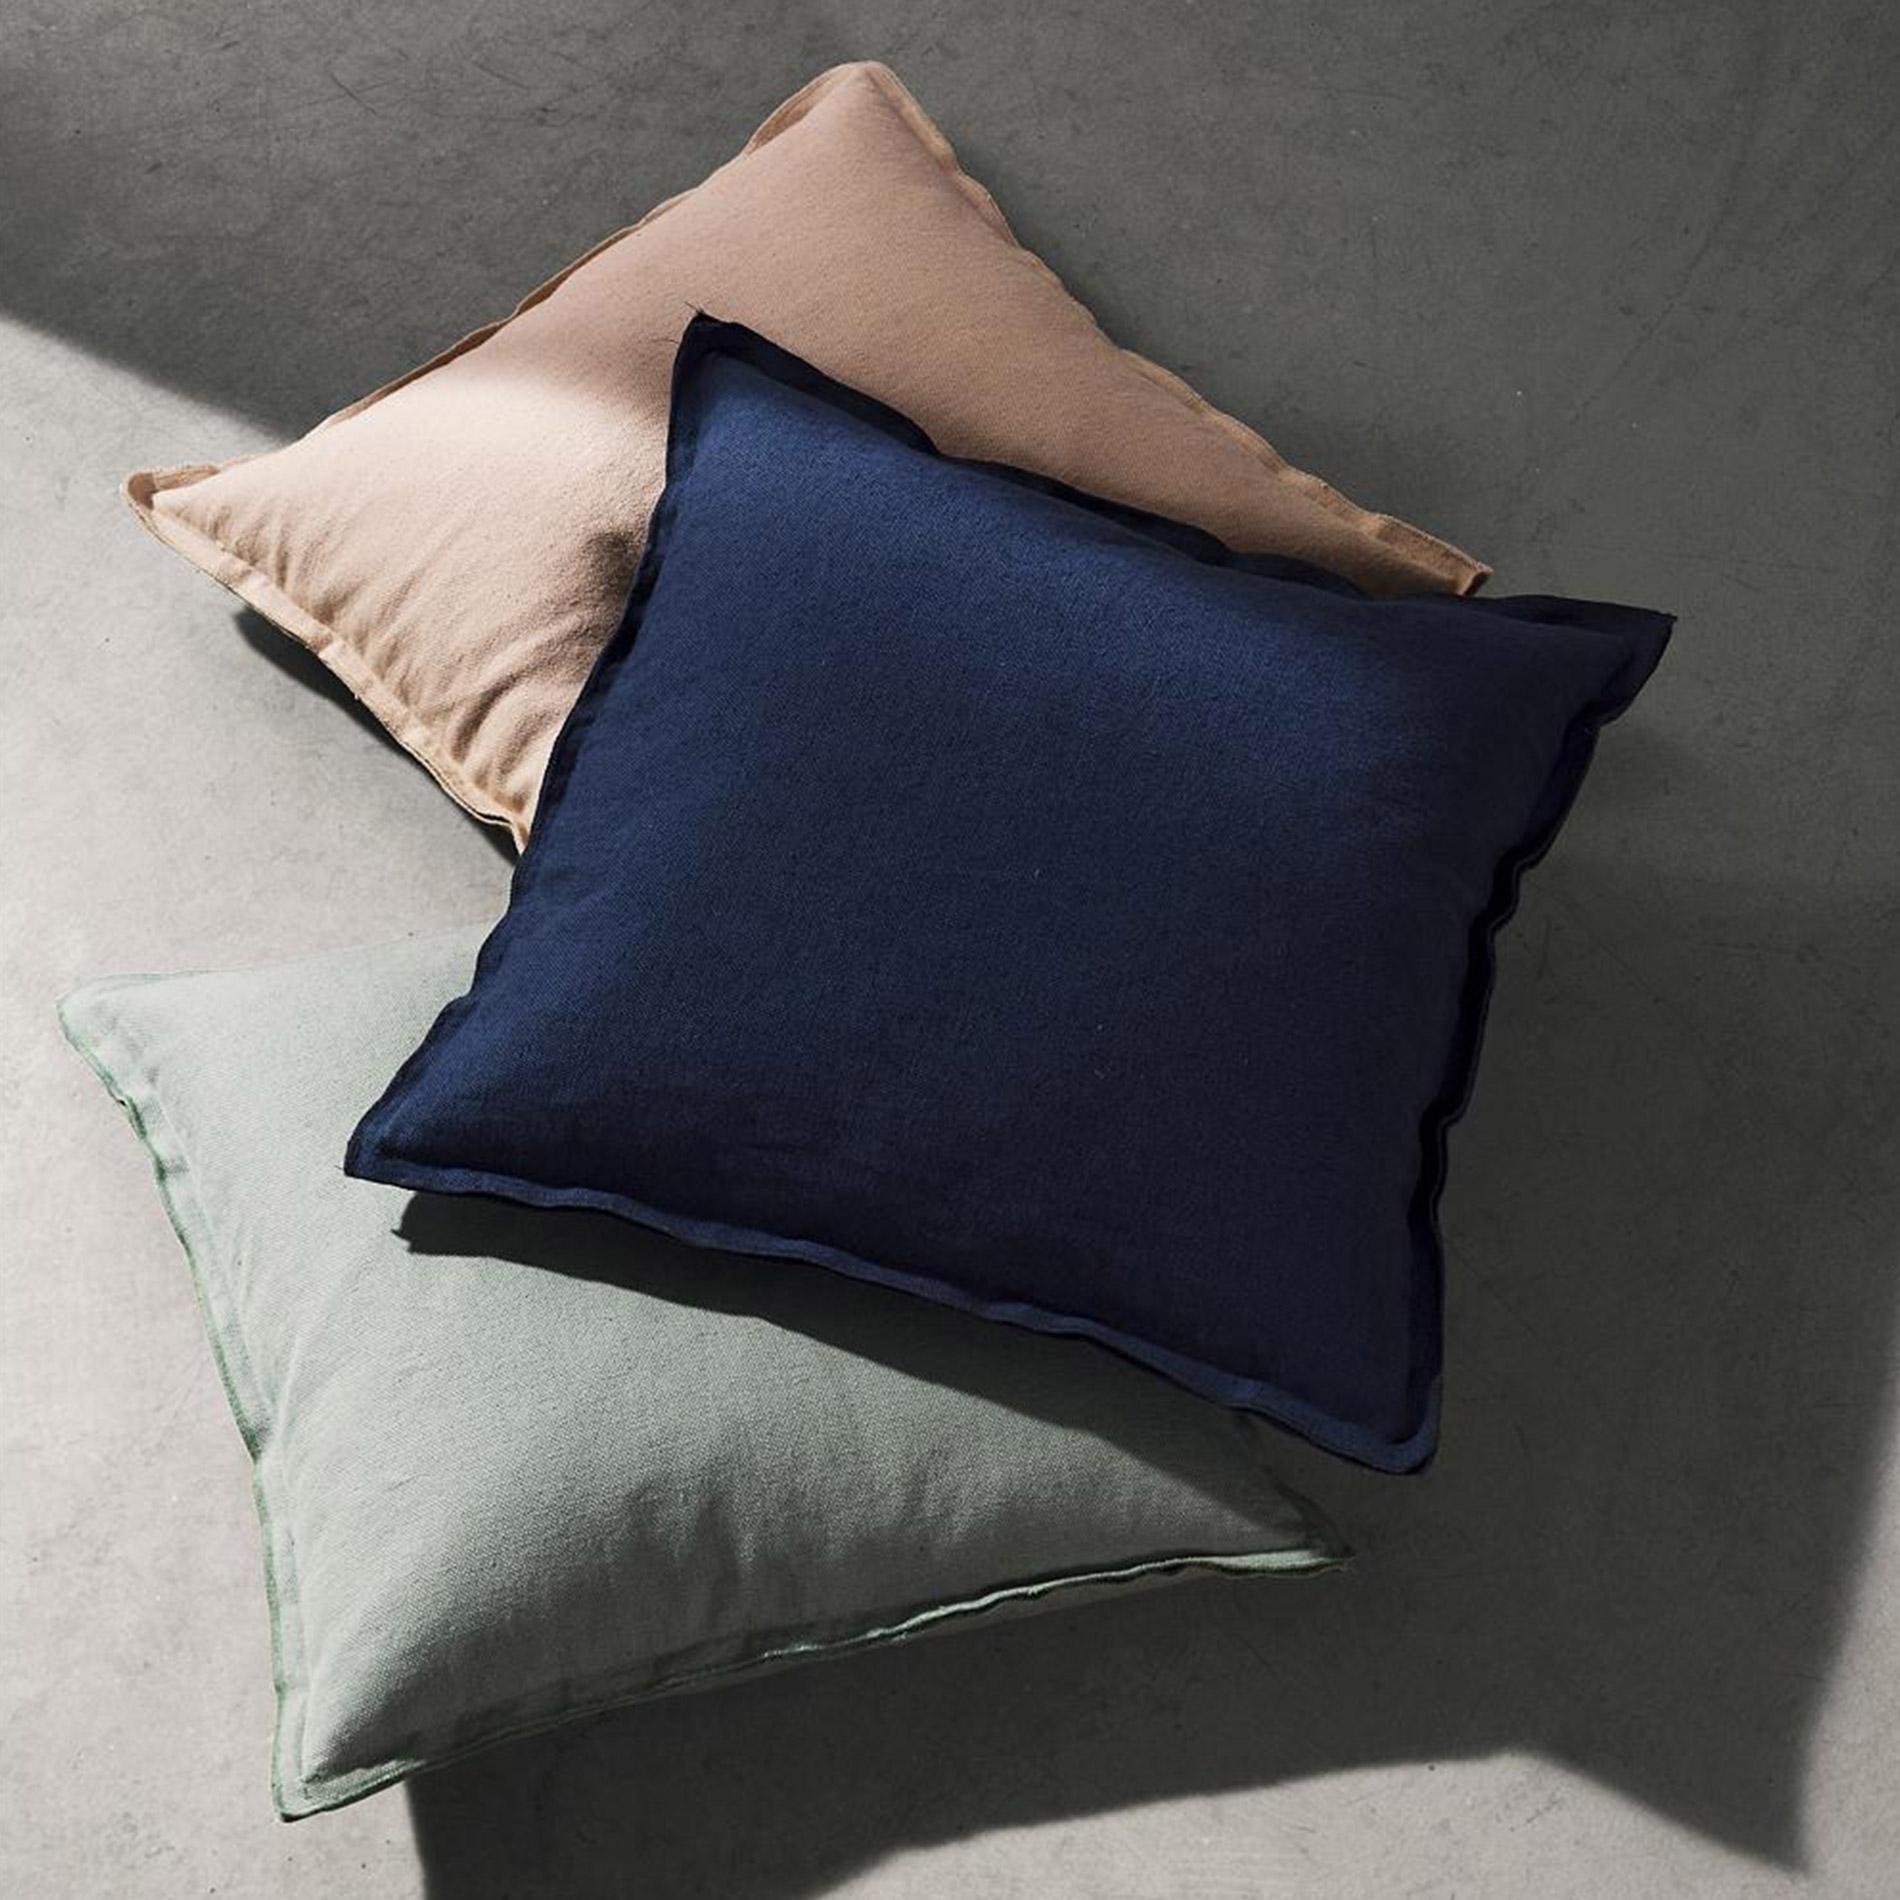 Raw Cushion by Menu